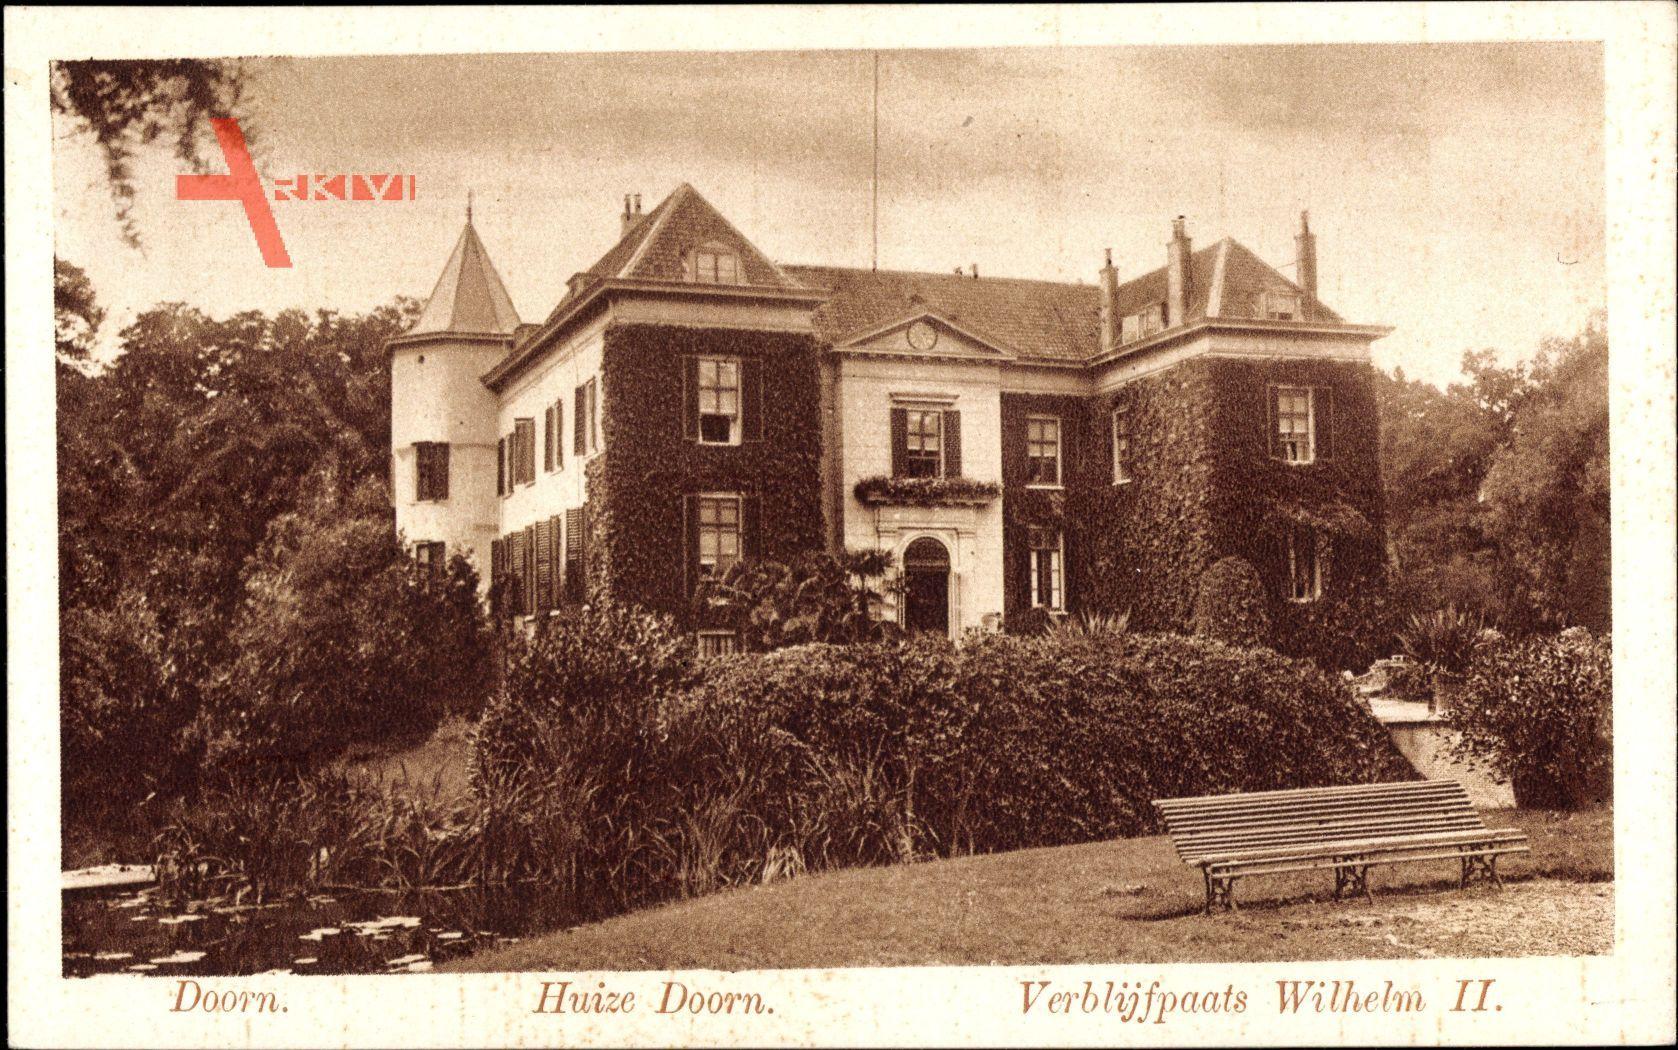 Doorn Utrecht, Huize Doorn, Haus Doorn, Exil Kaiser Wilhelm II.